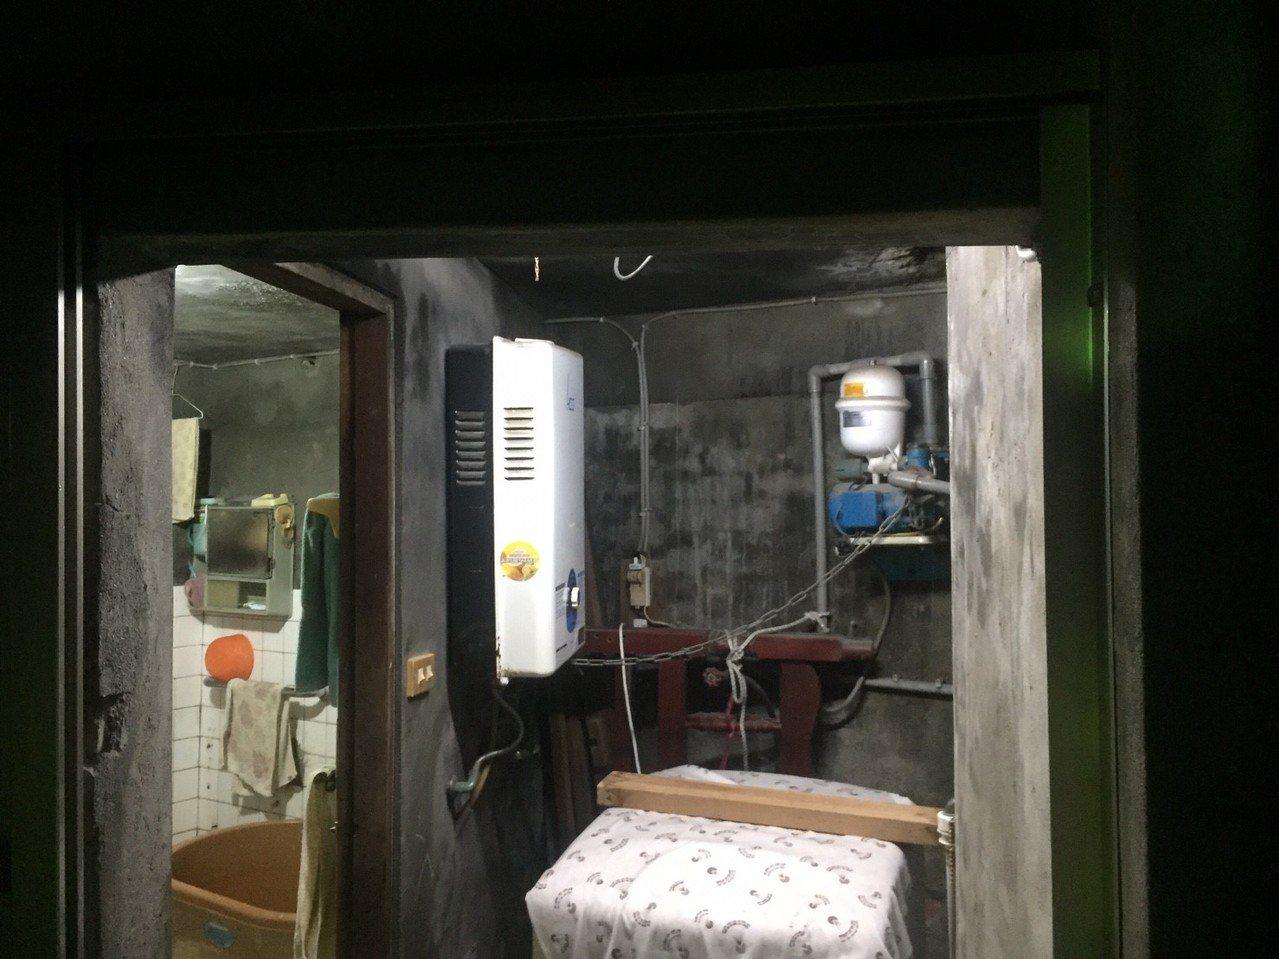 熱水器裝在室內,加上浴室窗戶未開啟,導致陳女一氧化碳中毒。記者余采瀅/翻攝